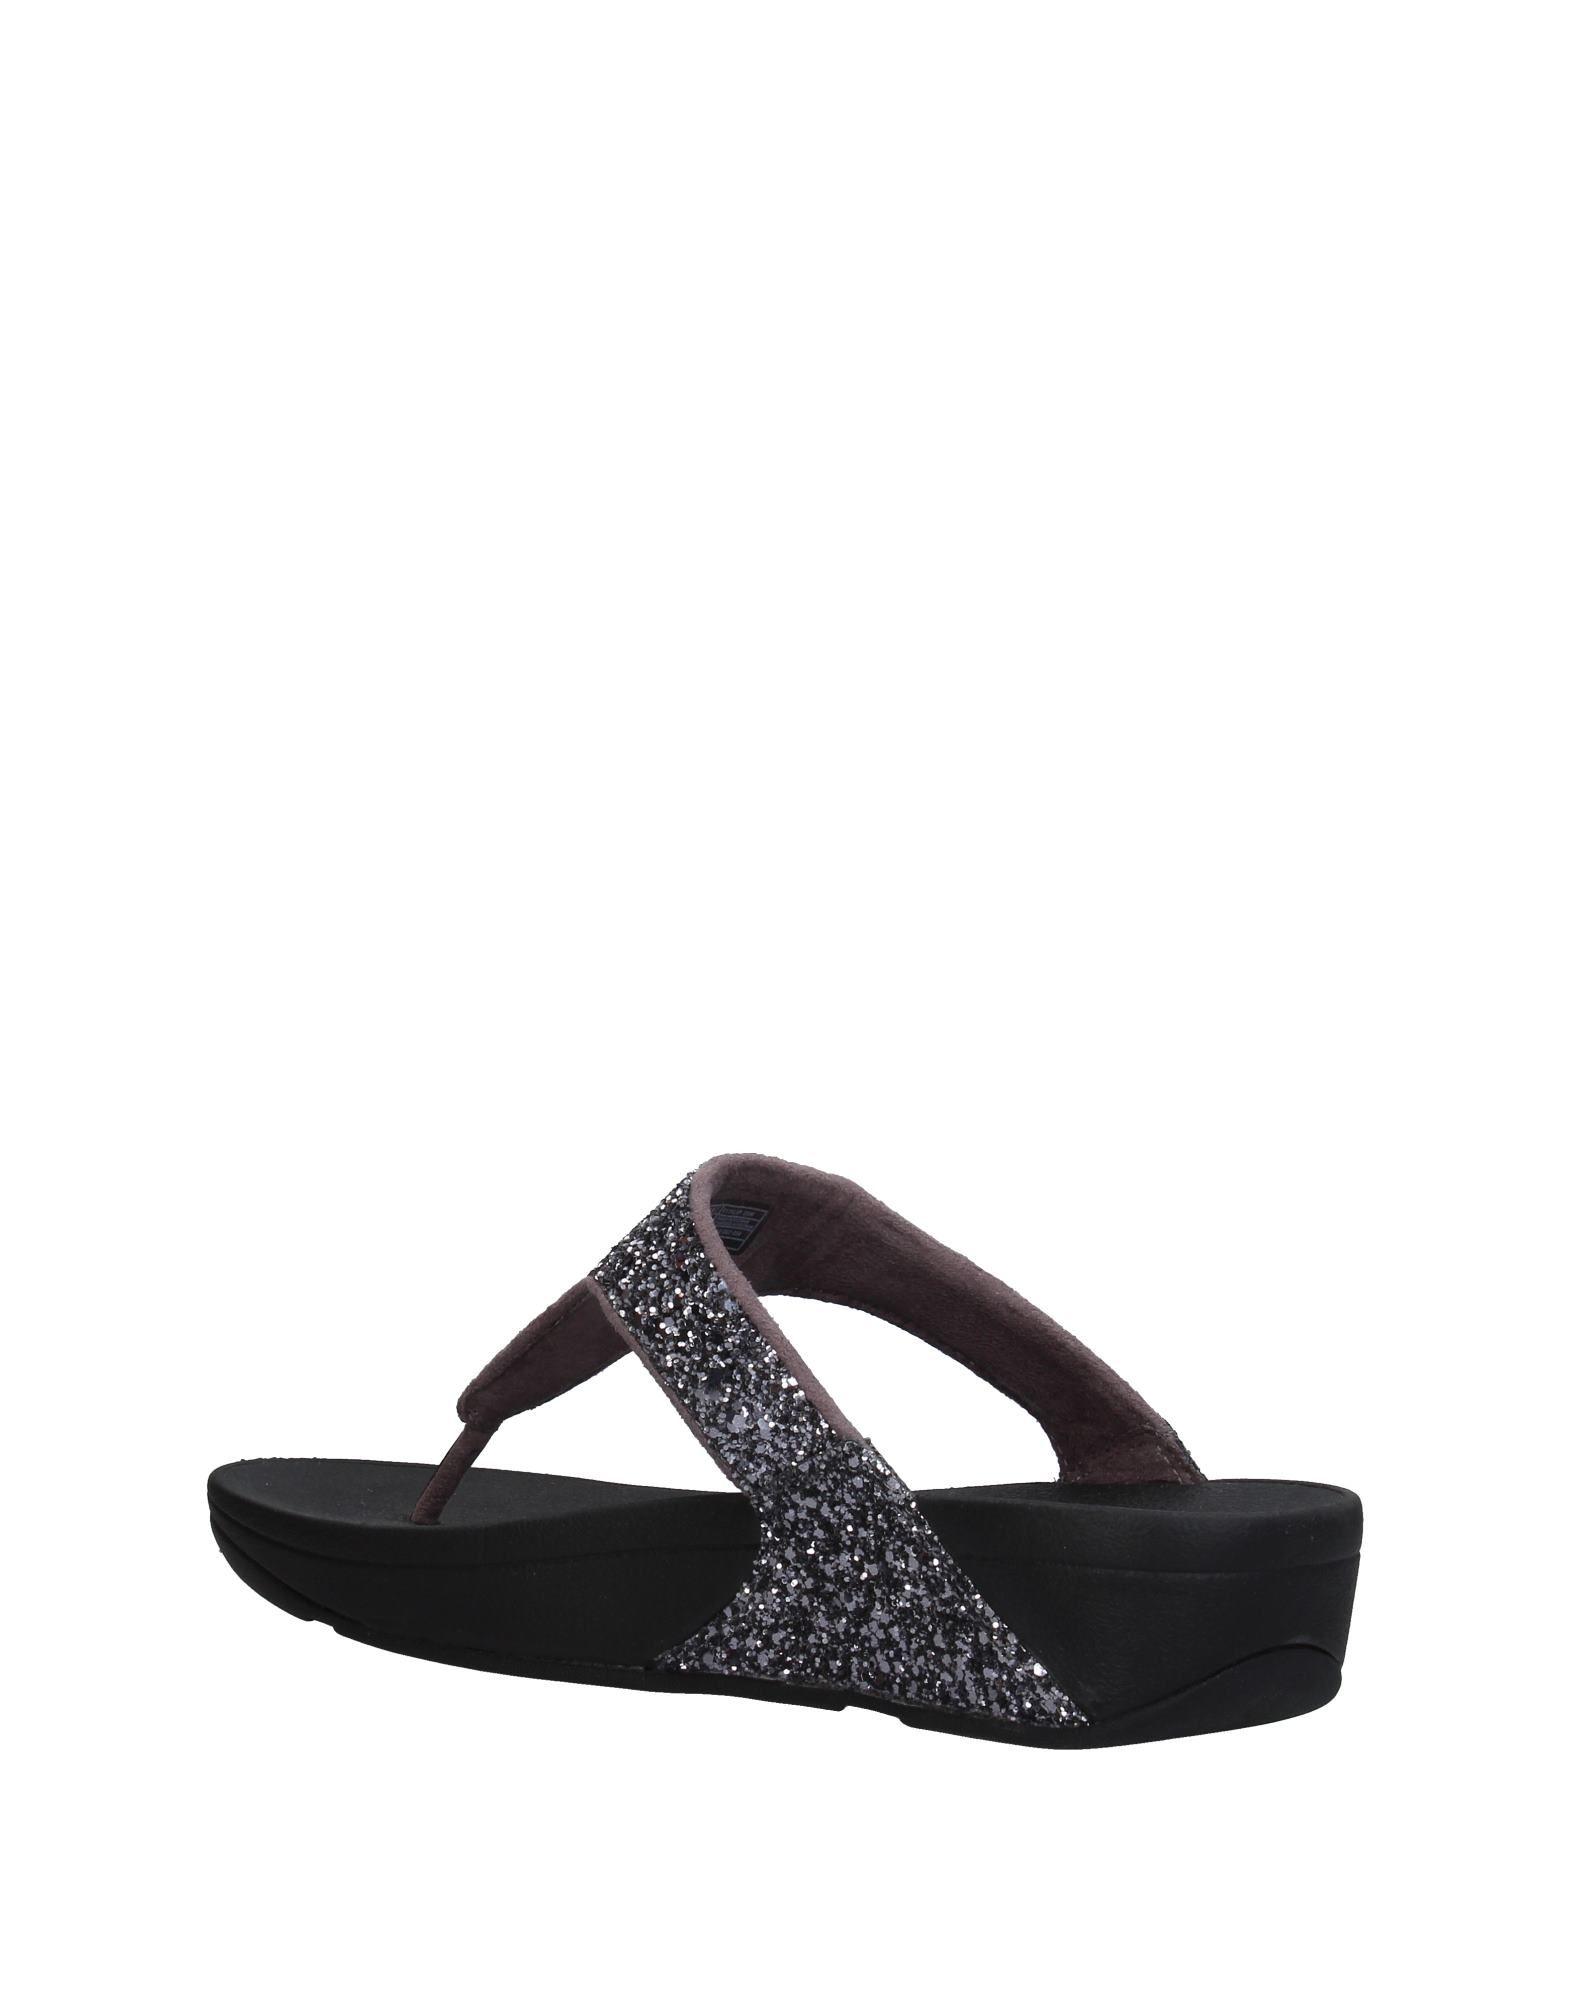 Fitflop Dianetten Gute Damen  11401729OP Gute Dianetten Qualität beliebte Schuhe acad0b